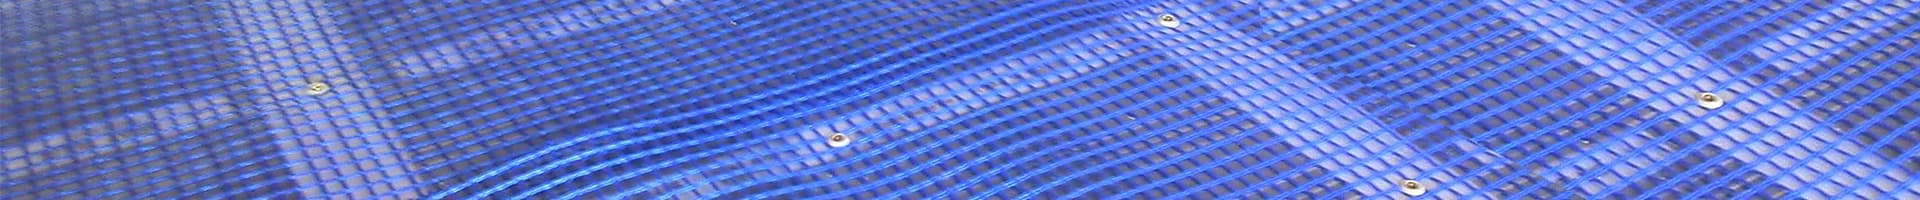 Использование монтажной стеклосетки SSA-1111 при улкадке пленочгого пола